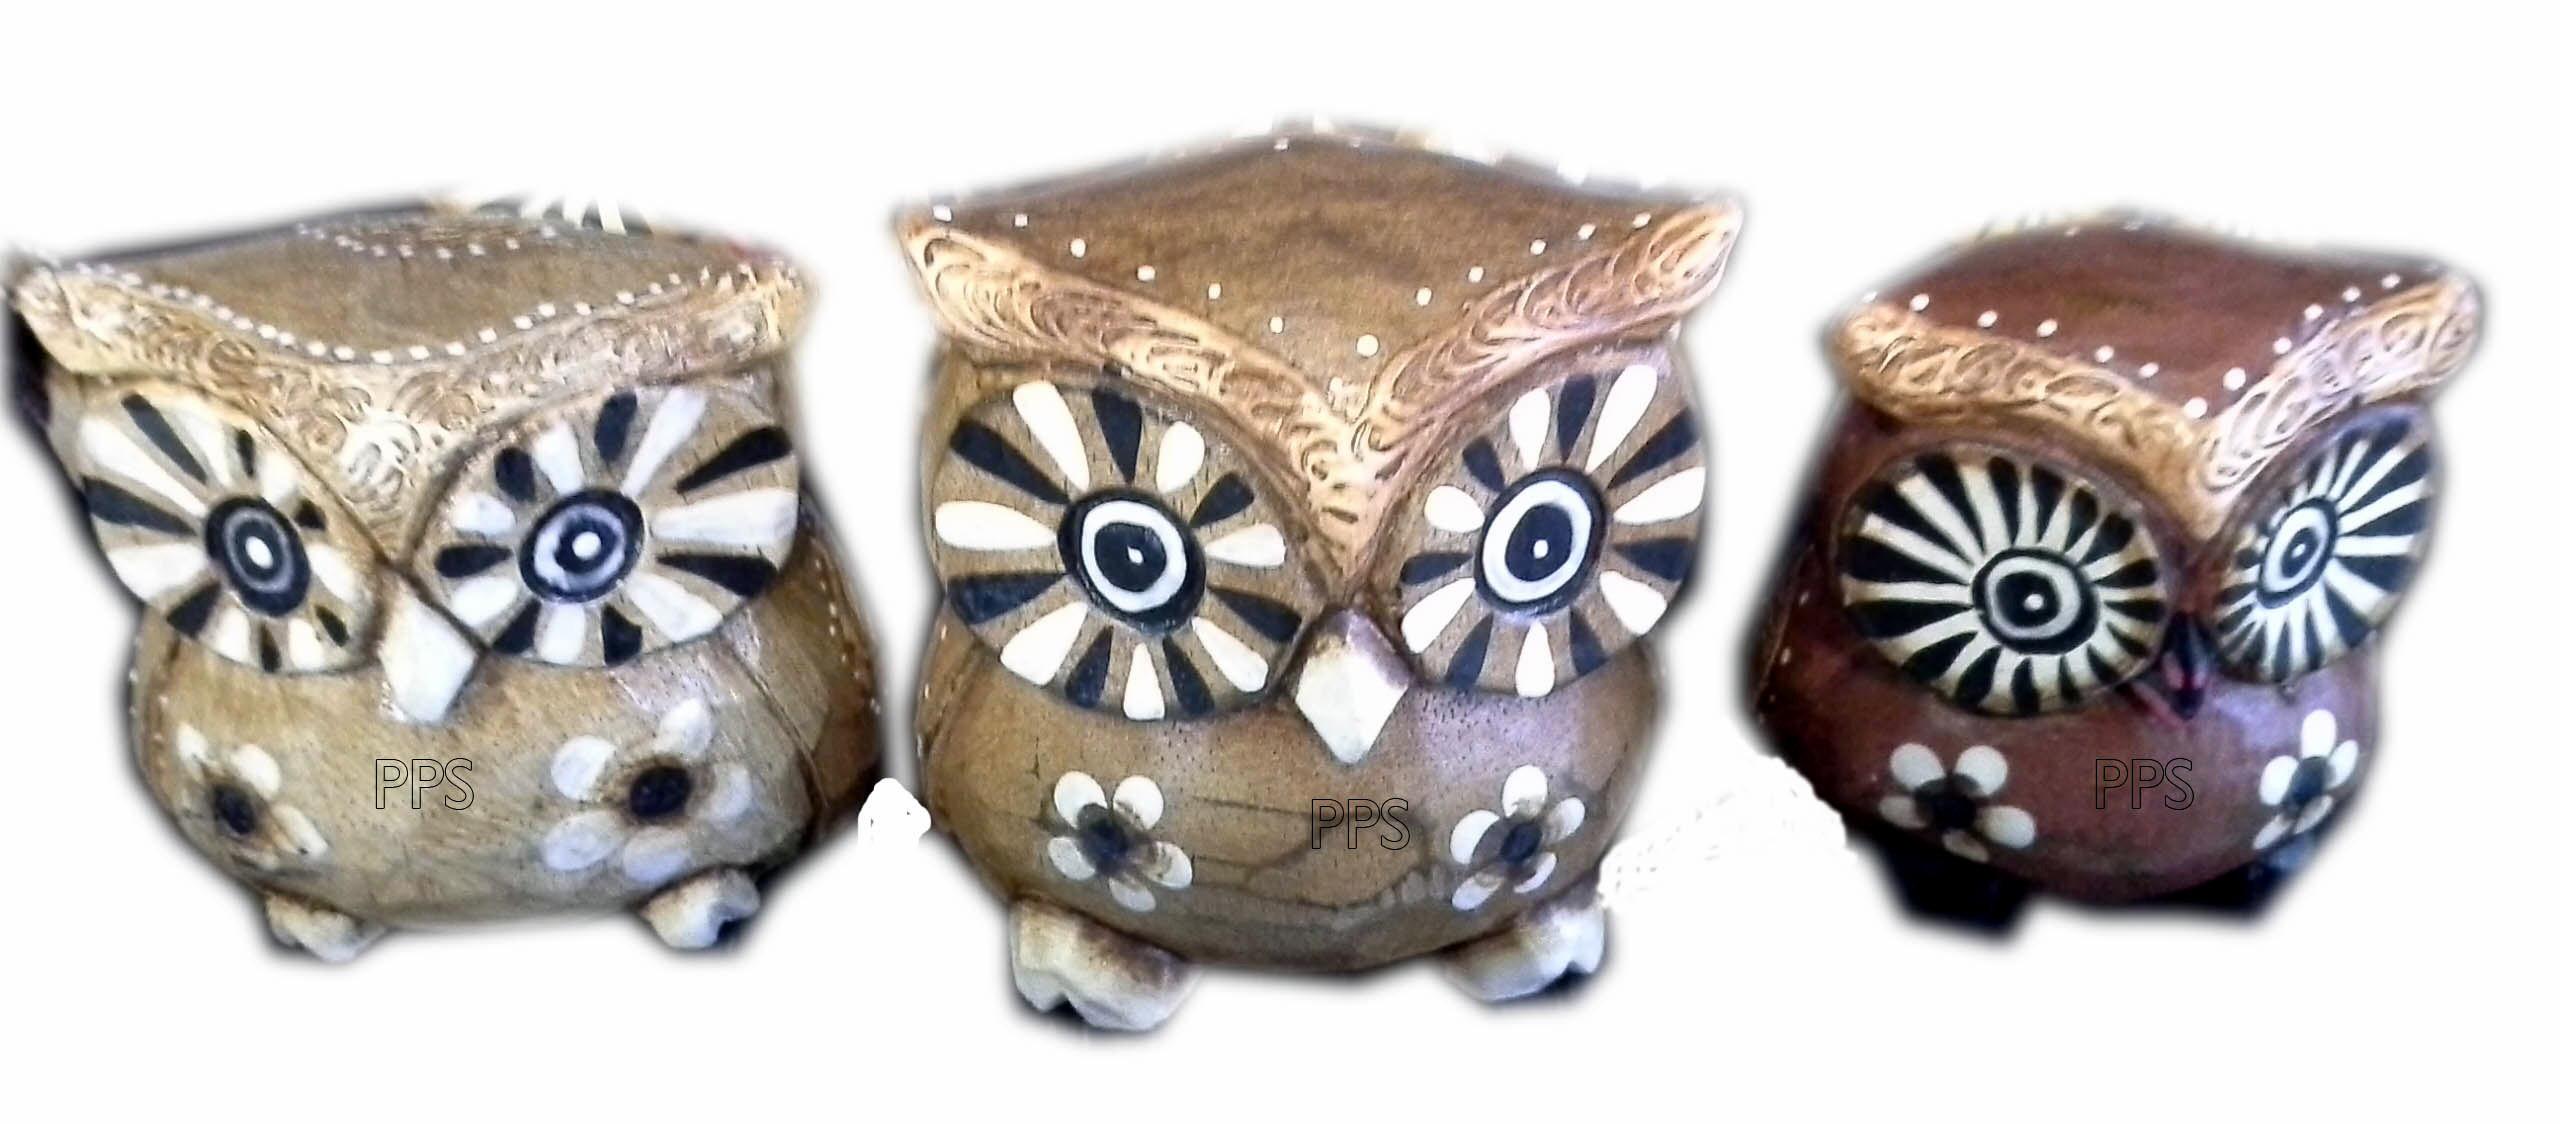 Fatty owls